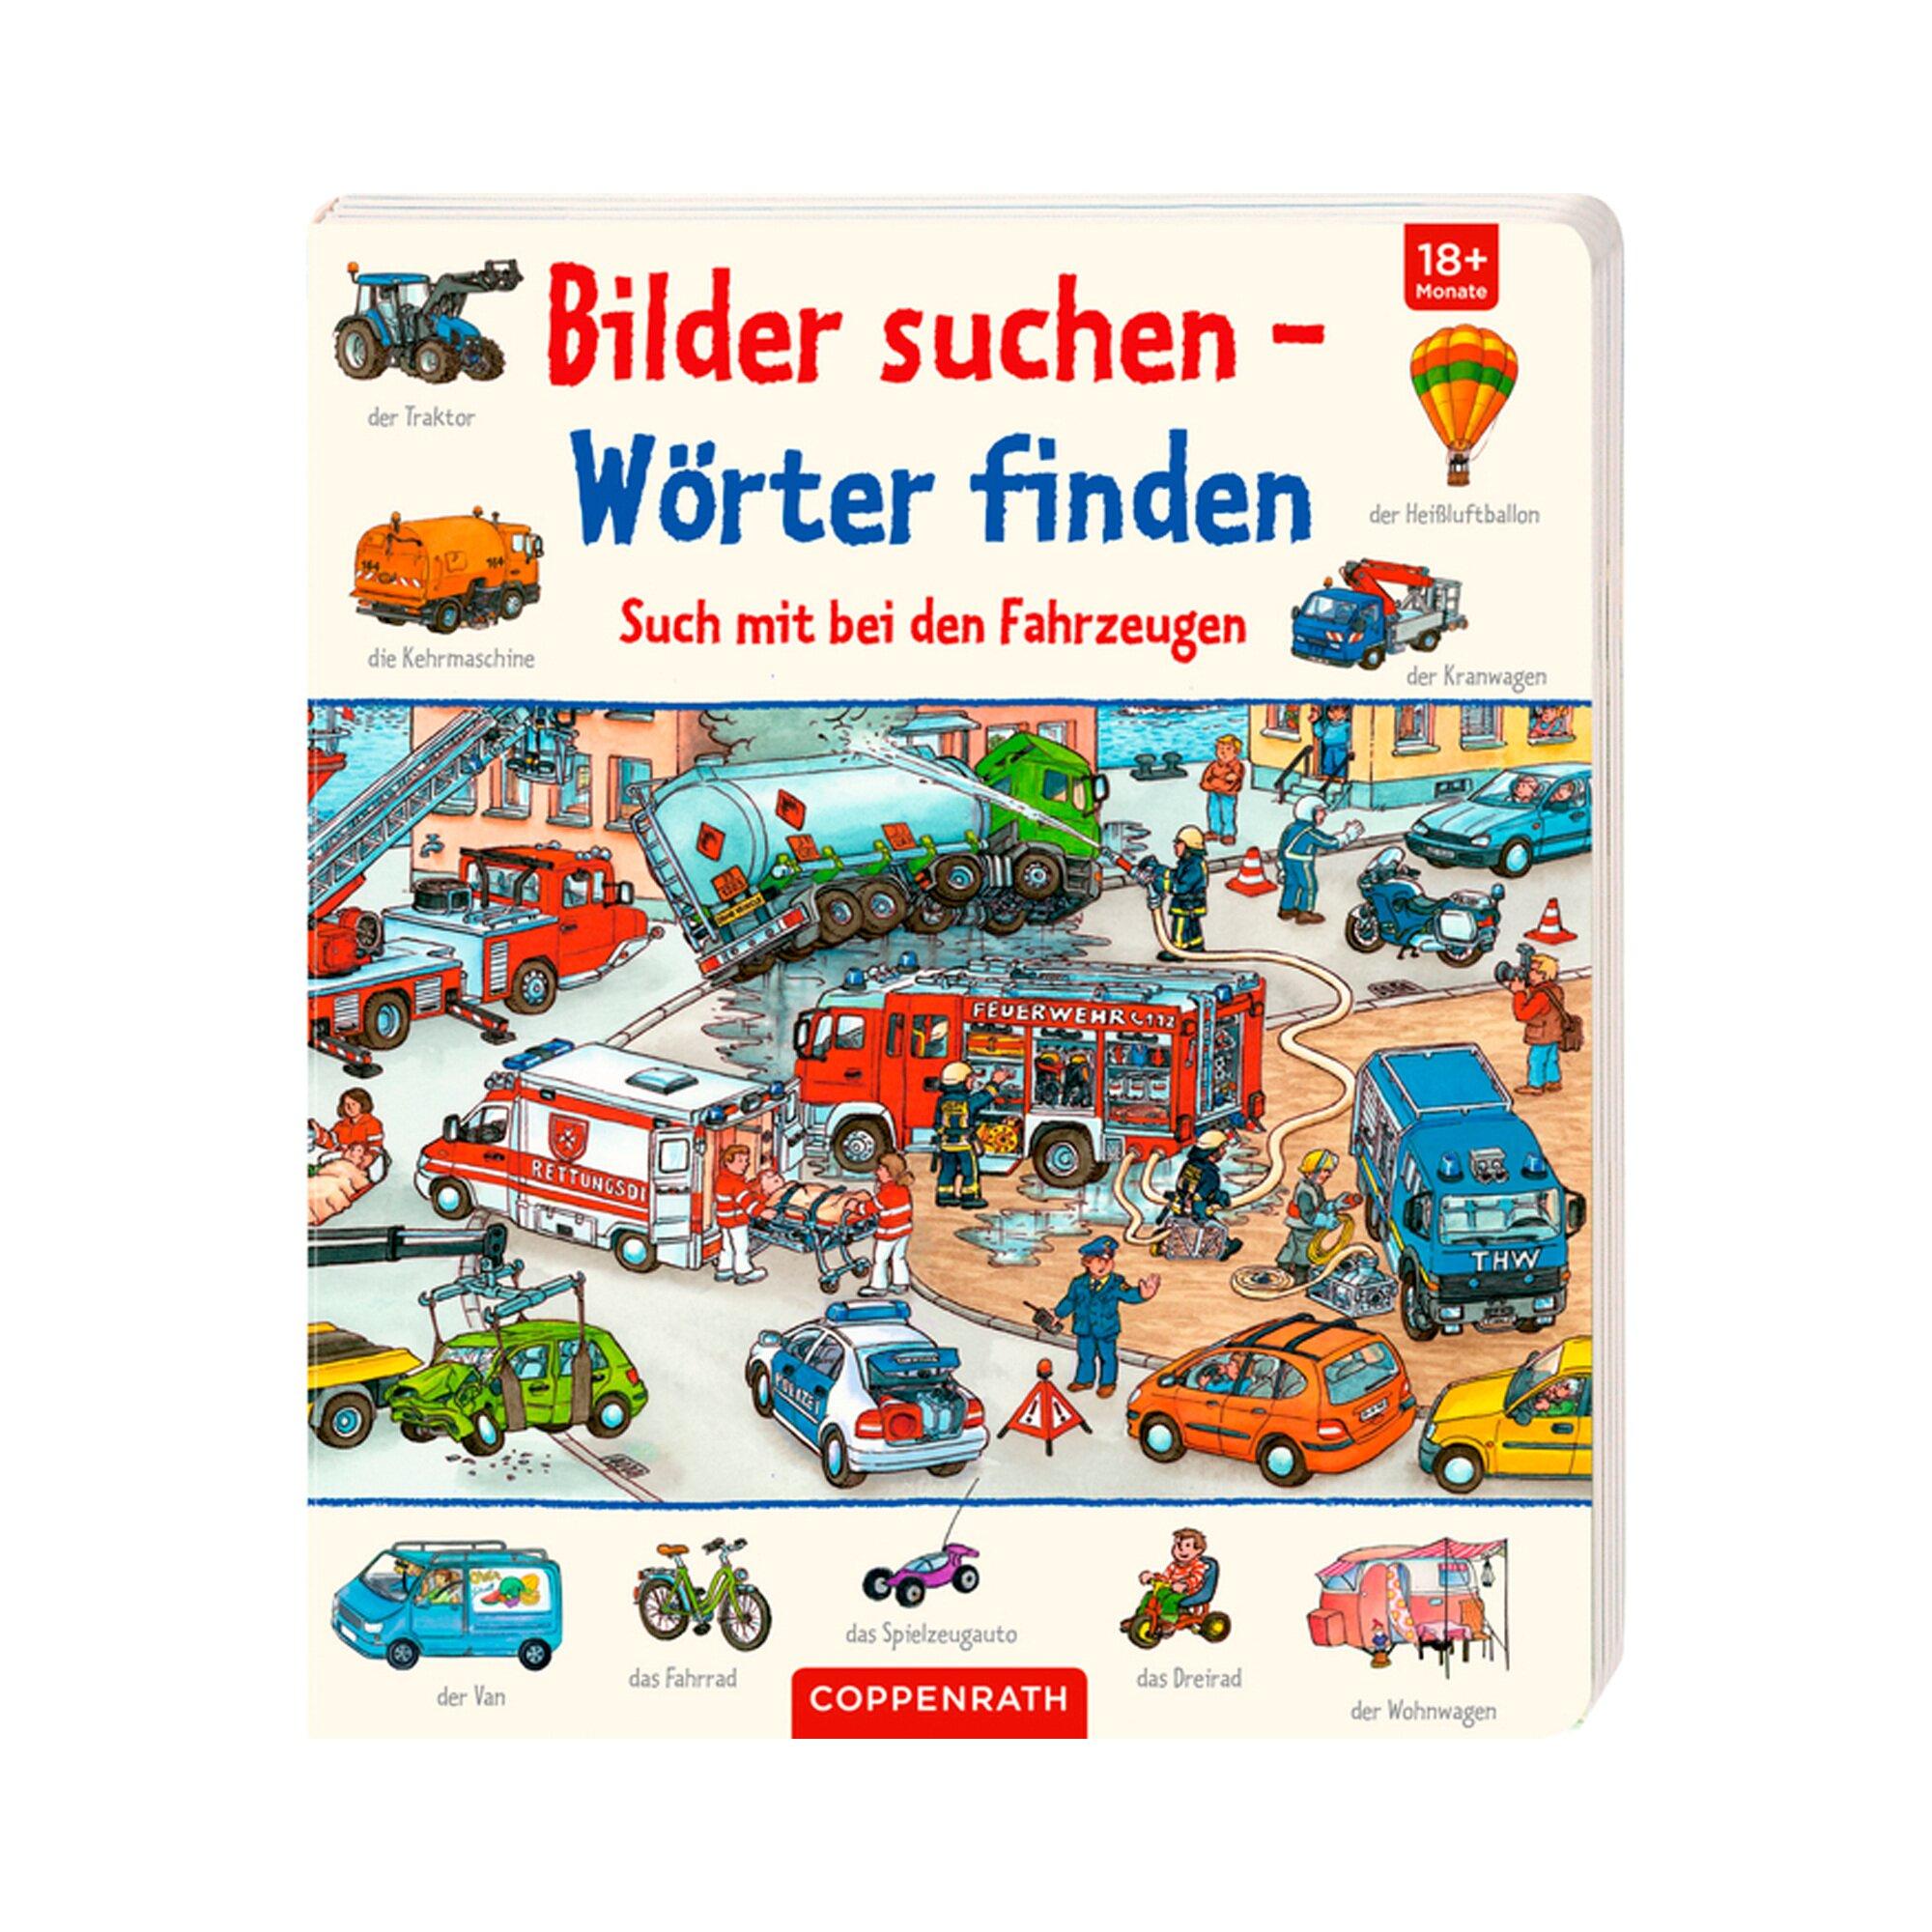 Coppenrath Die Spiegelburg Pappbilderbuch Bilder suchen - Wörter finden Such mit bei den Fahrzeugen